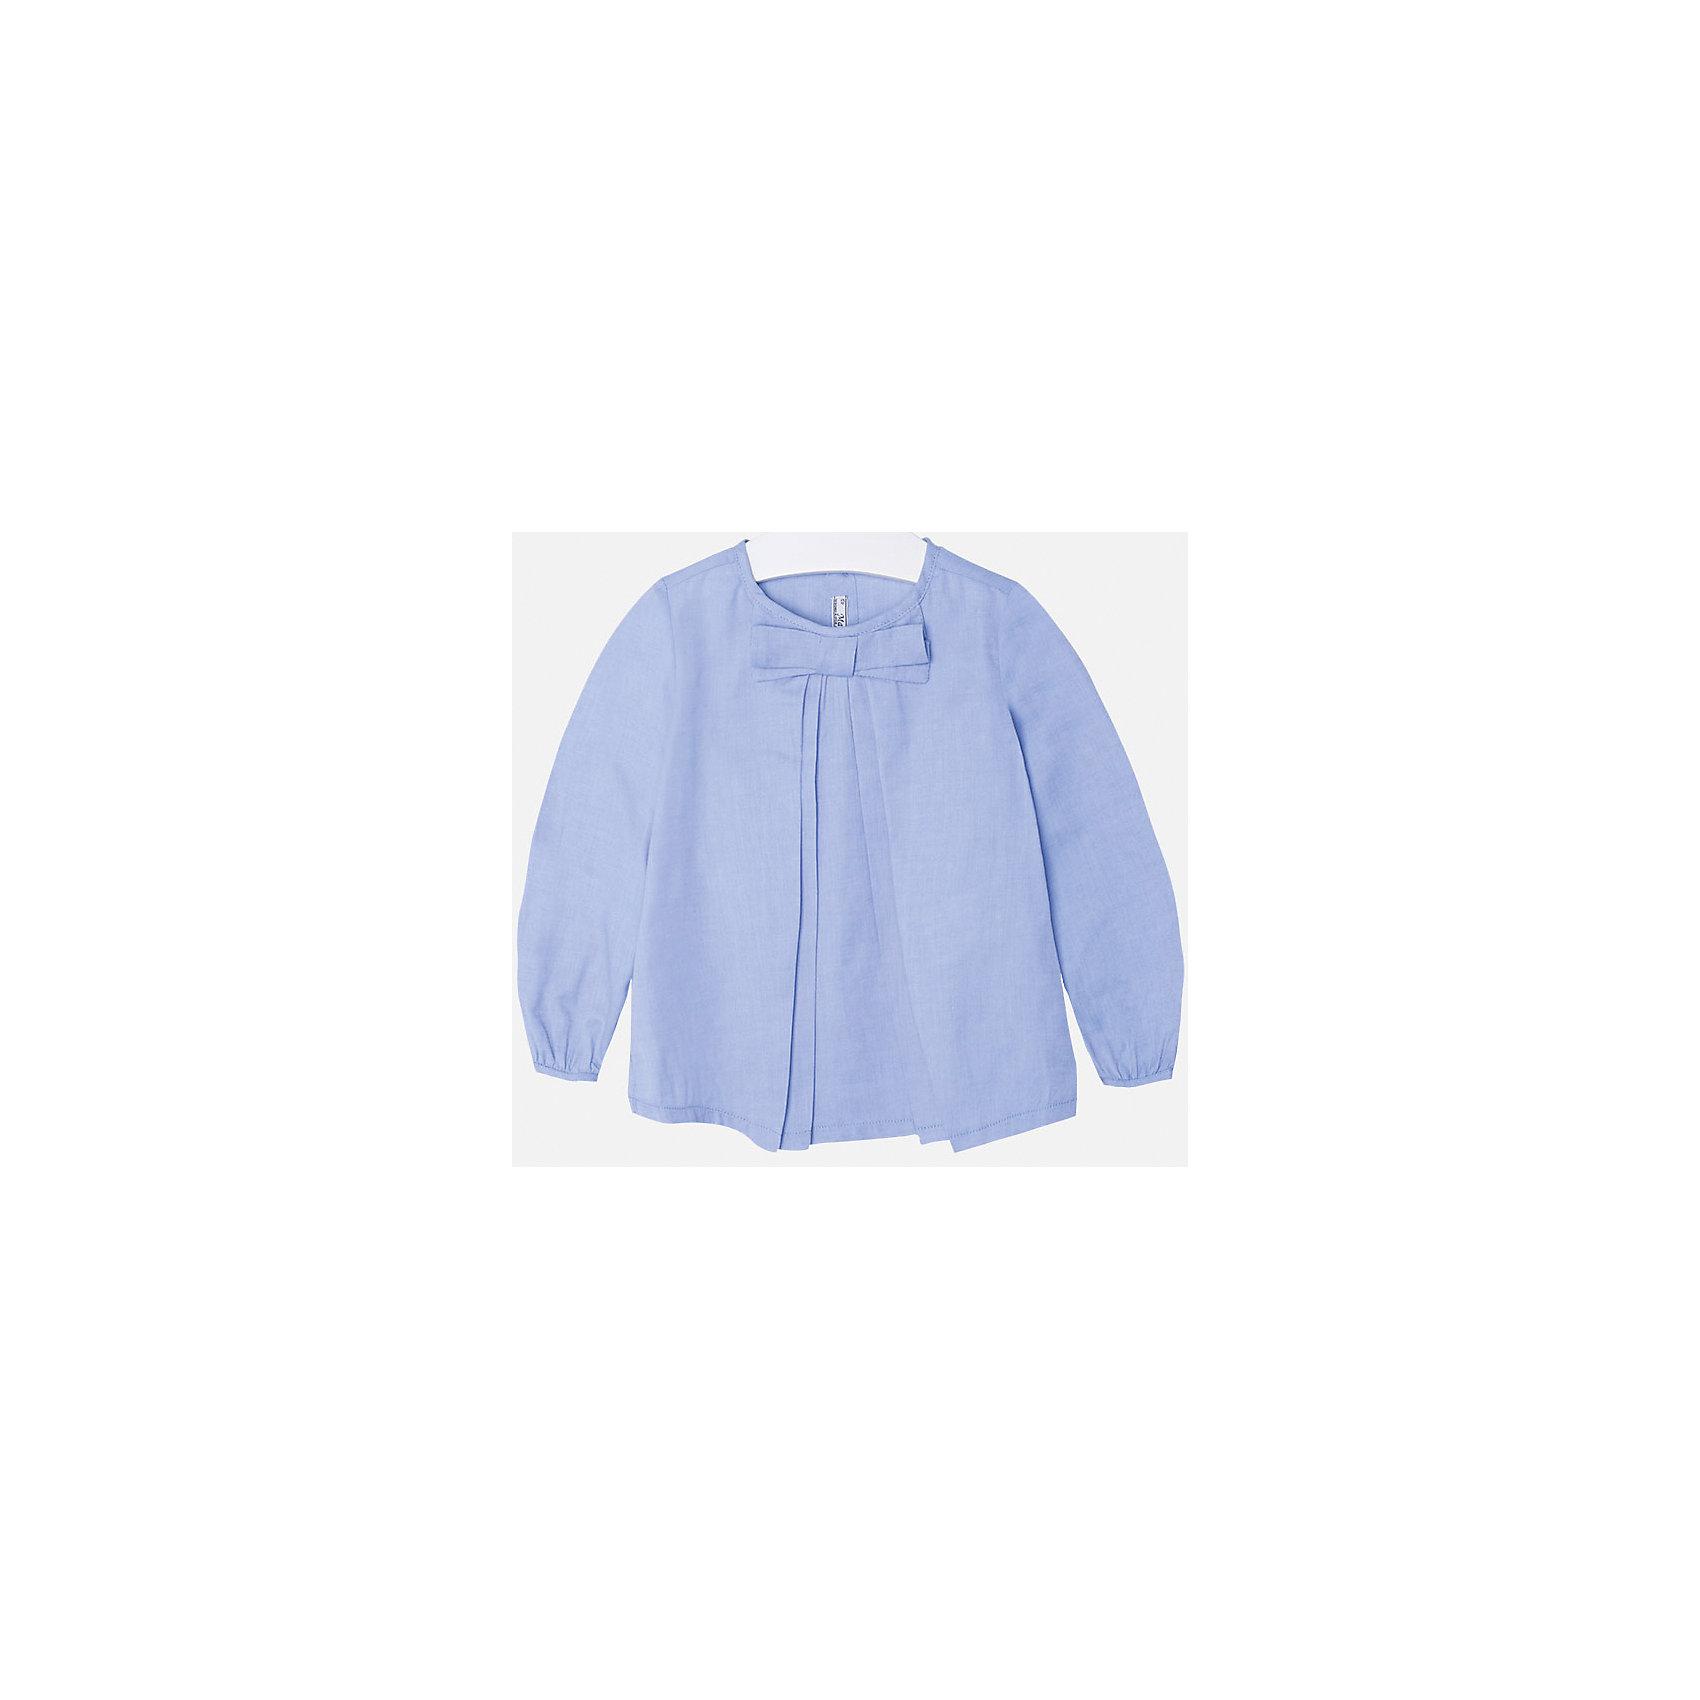 Блузка для девочки MayoralБлузки и рубашки<br>Блуза нежно-голубого цвета  торговой марки    Майорал -Mayoral. Блуза свободного  кроя, выполнена из чистого хлопка, и декорирована милым бантиком. На спинке по всей длине имеются пуговицы. Модель прекрасно дополнит  и подчеркнет ежедневный и школьный образ Вашей девочки.<br><br>Дополнительная информация:<br><br>- вид застежки: пуговицы<br>- длина рукава: длинные<br>- фактура материала: текстильный<br>- длина изделия: по спинке: 48 см<br>- покрой: прямой<br>- состав: 100% хлопок<br>- уход за вещами: бережная стирка при 30 градусах<br>- рисунок: без рисунка<br>- назначение: повседневная<br>- сезон: круглогодичный<br>- пол: девочки<br>- страна бренда: Испания<br>- страна производитель:  Марокко<br>- комплектация: блузка<br><br>Блуза для девочки  торговой марки    Майорал можно купить в нашем интернет магазине<br><br>Ширина мм: 186<br>Глубина мм: 87<br>Высота мм: 198<br>Вес г: 197<br>Цвет: синий<br>Возраст от месяцев: 72<br>Возраст до месяцев: 84<br>Пол: Женский<br>Возраст: Детский<br>Размер: 134,116,98,104,128,110,122<br>SKU: 4846563